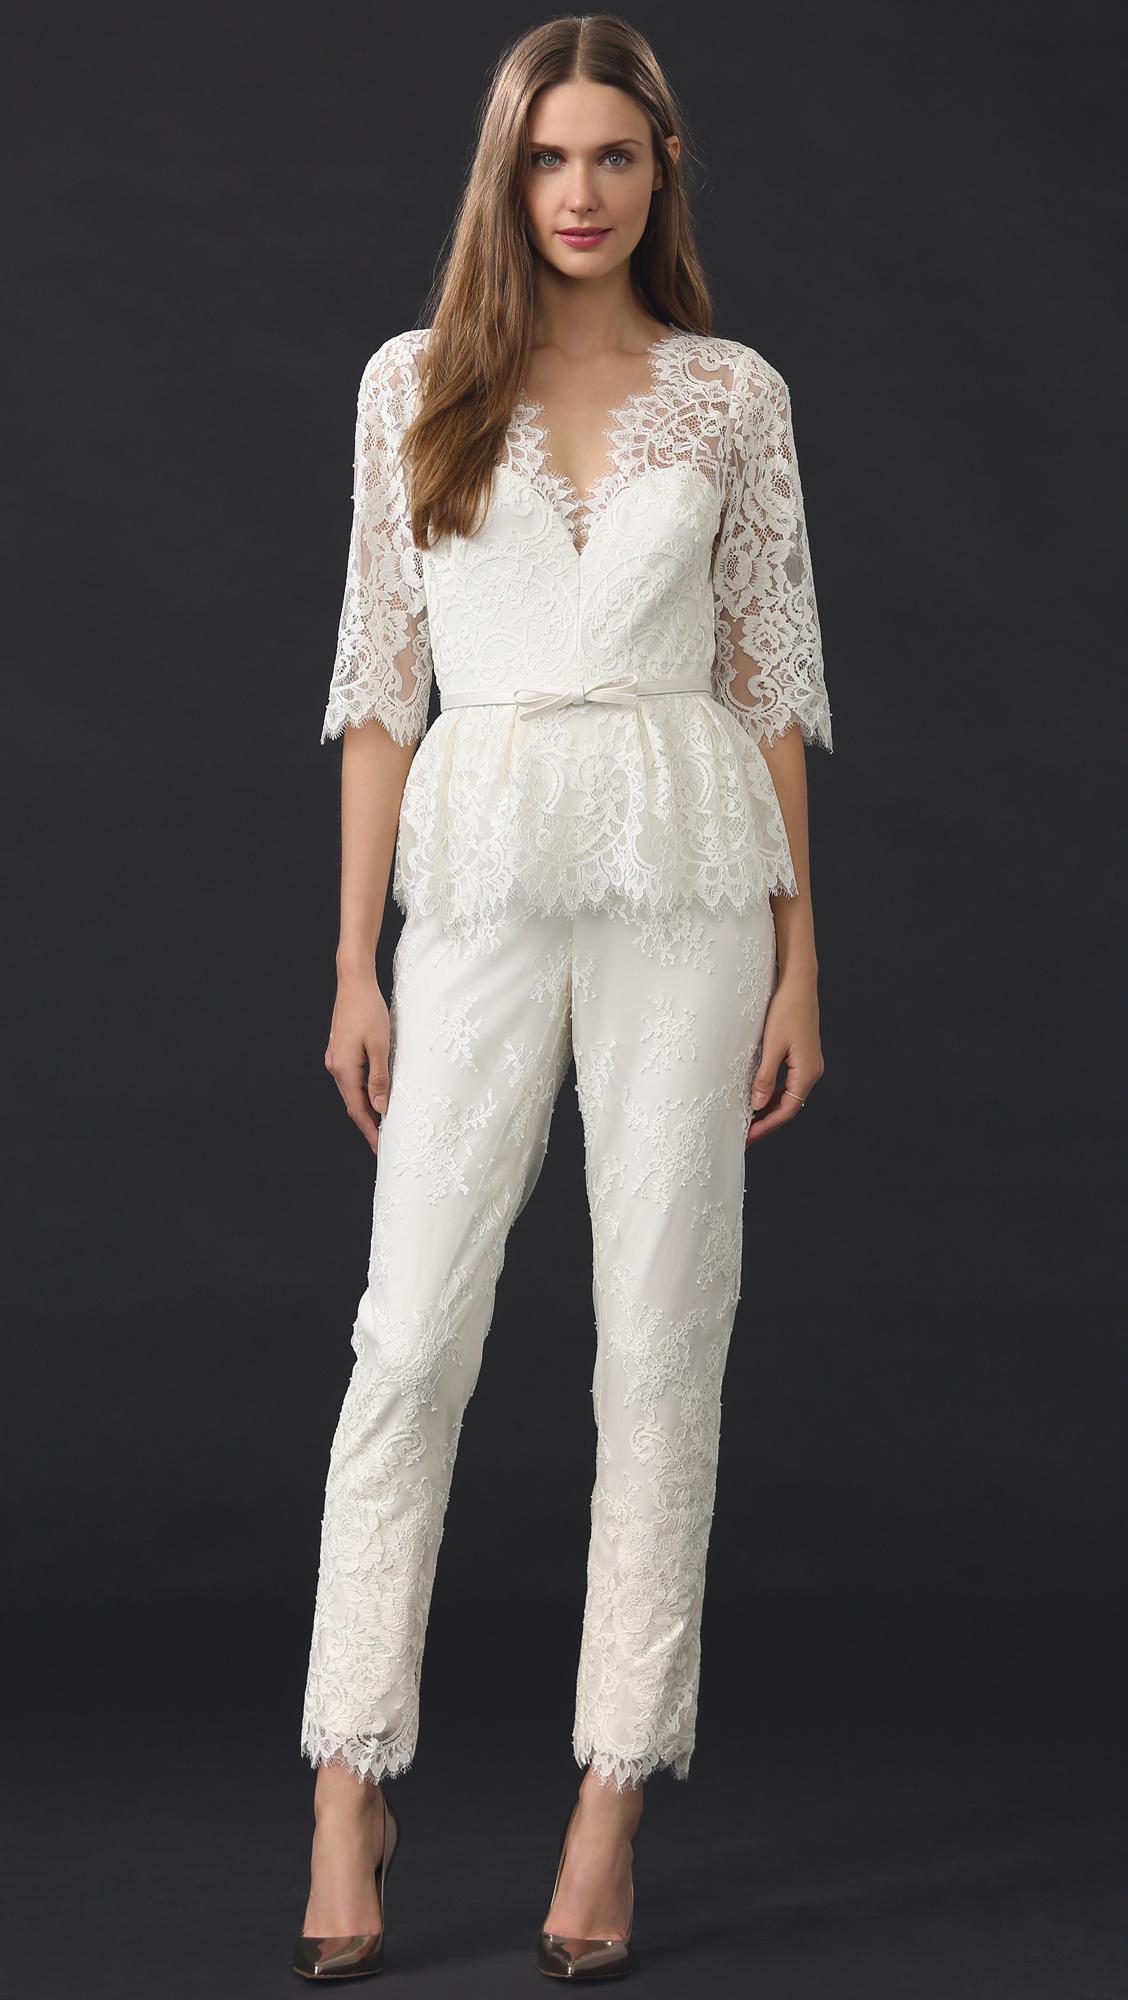 White Lace Jumpsuit Photo Album - Reikian